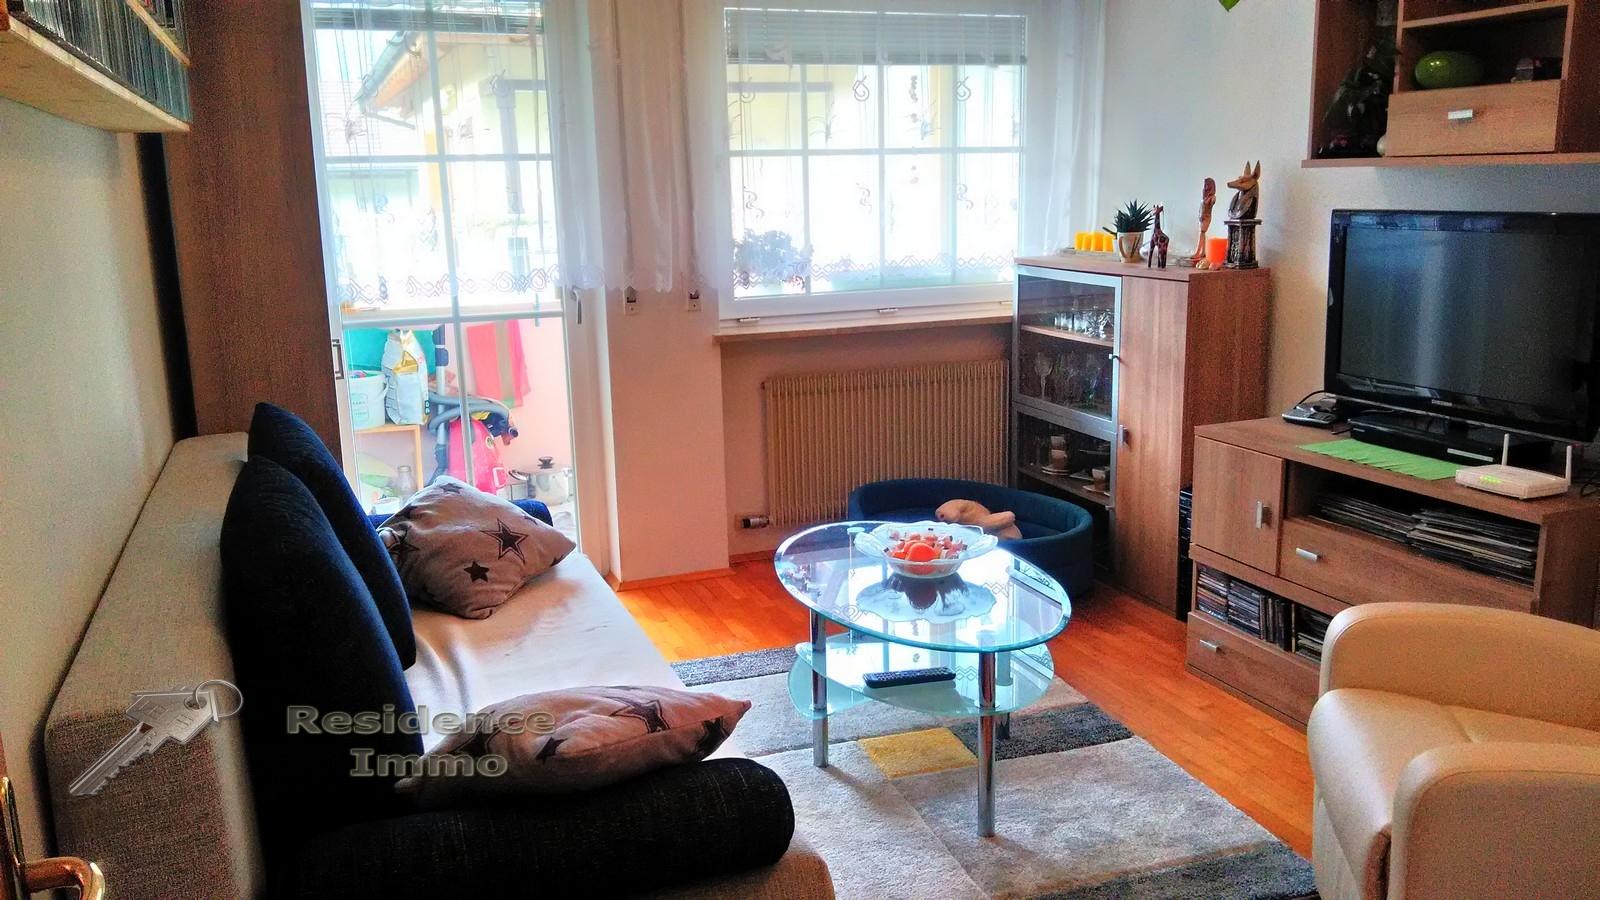 Appartamento in vendita a Terlano, 4 locali, zona Zona: Vilpiano, prezzo € 275.000 | CambioCasa.it